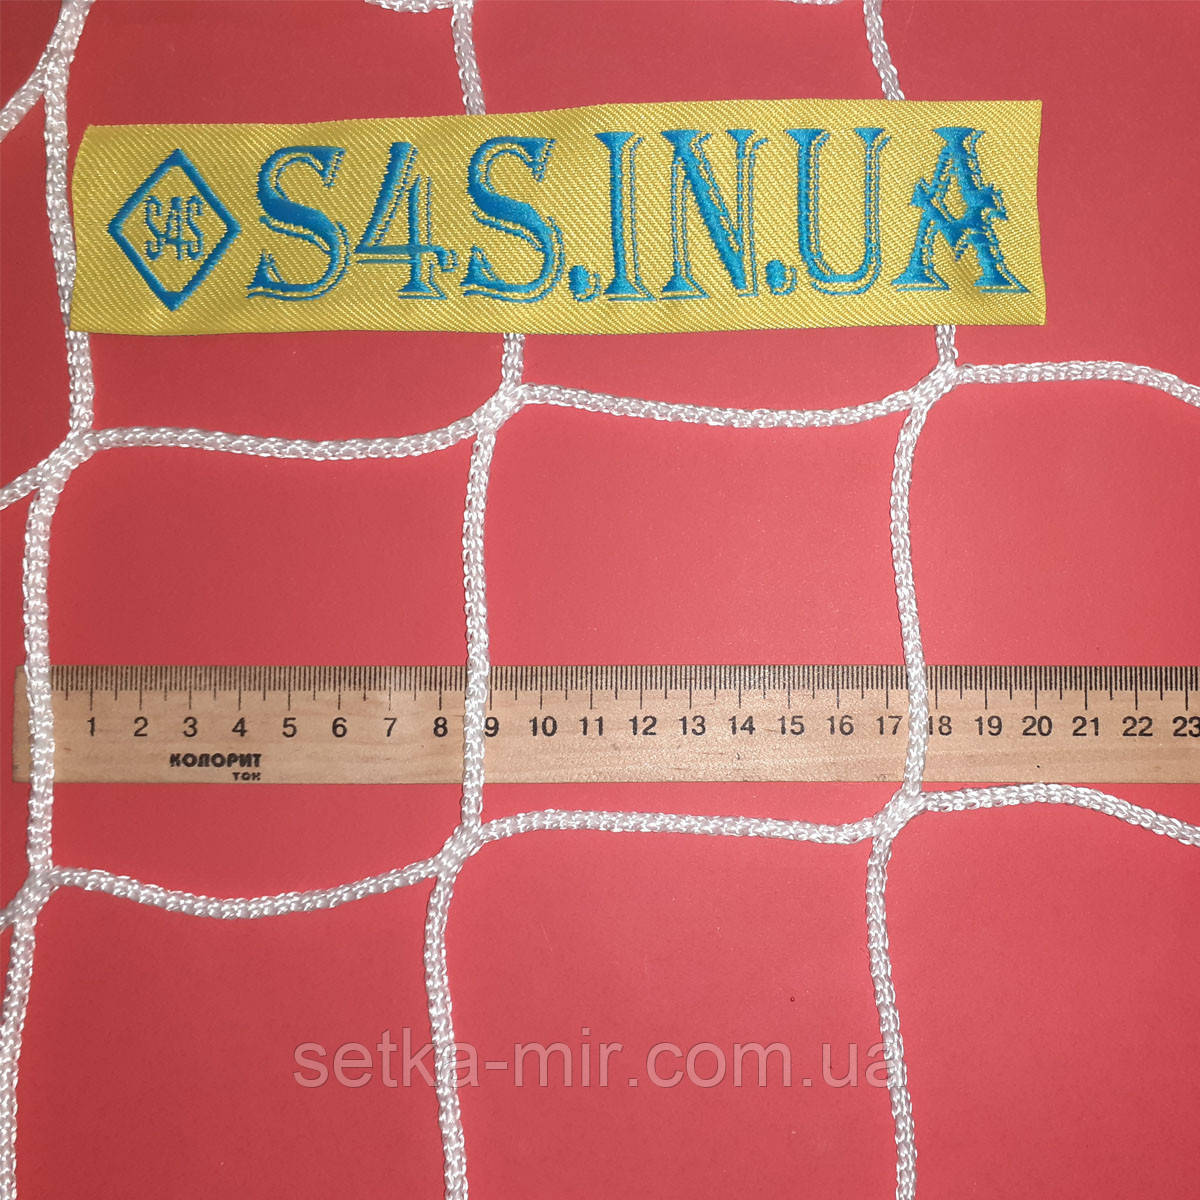 Спортивная сетка El Leon de Oro (Испания) D–3мм, яч.–10см, безузловая, для ограждения спортивных площадок,бел.